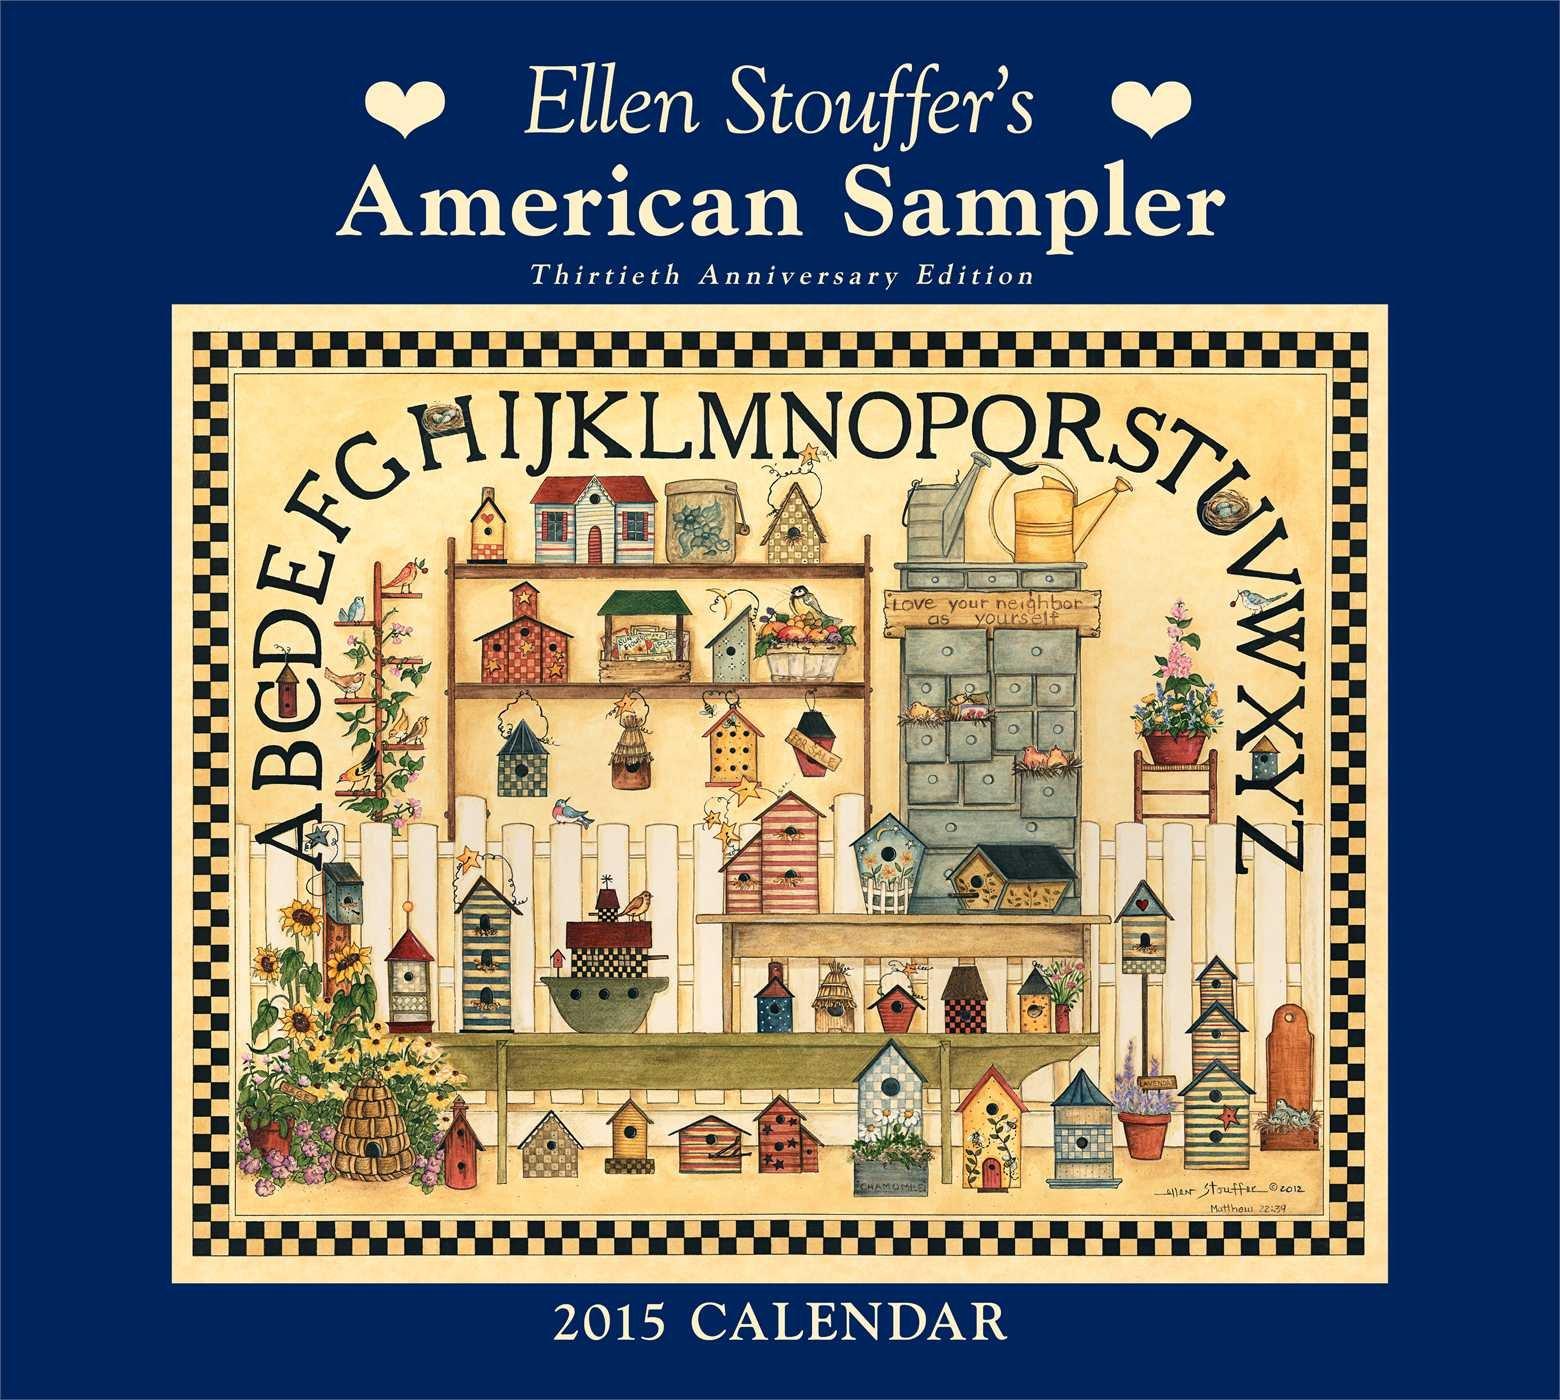 1560x1400 > Ellen Stouffer Wallpapers